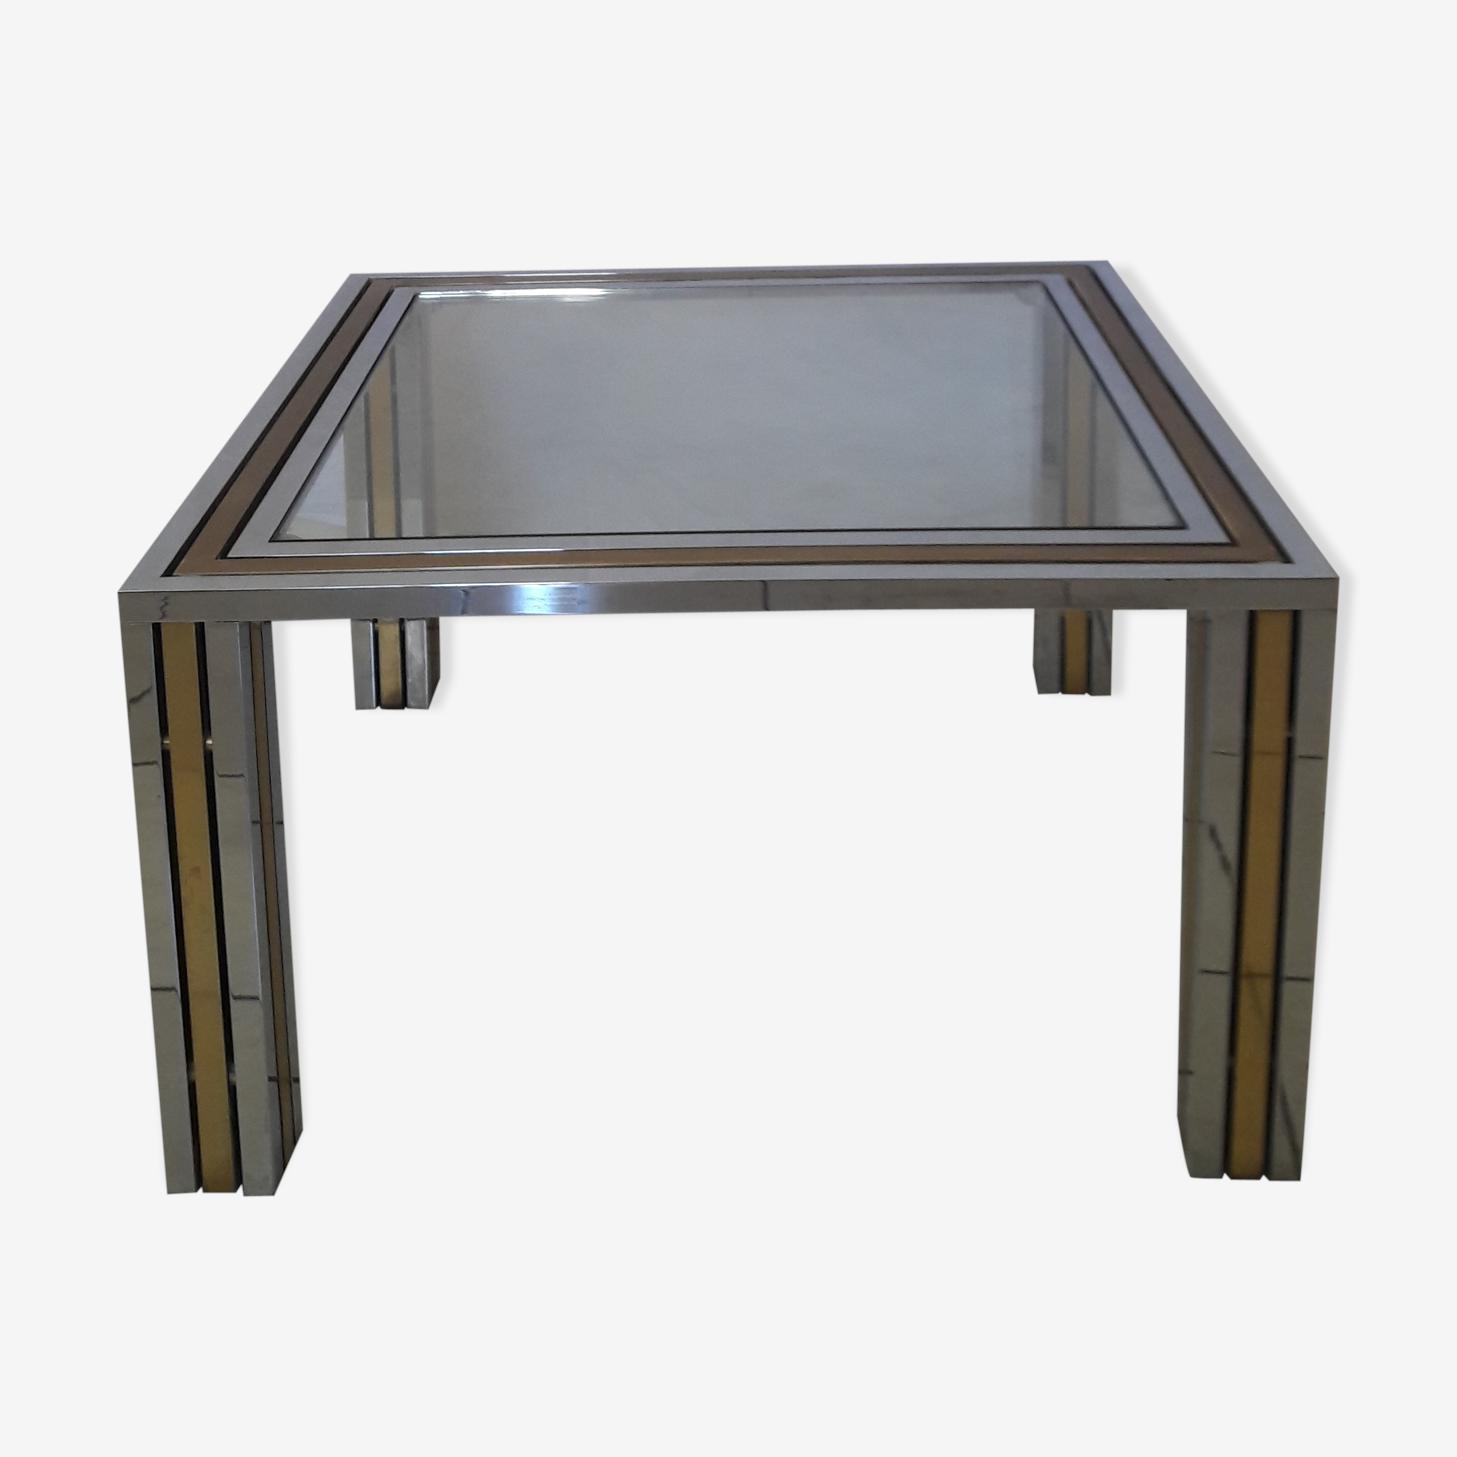 Table basse carrée Roméo Rega design minimaliste